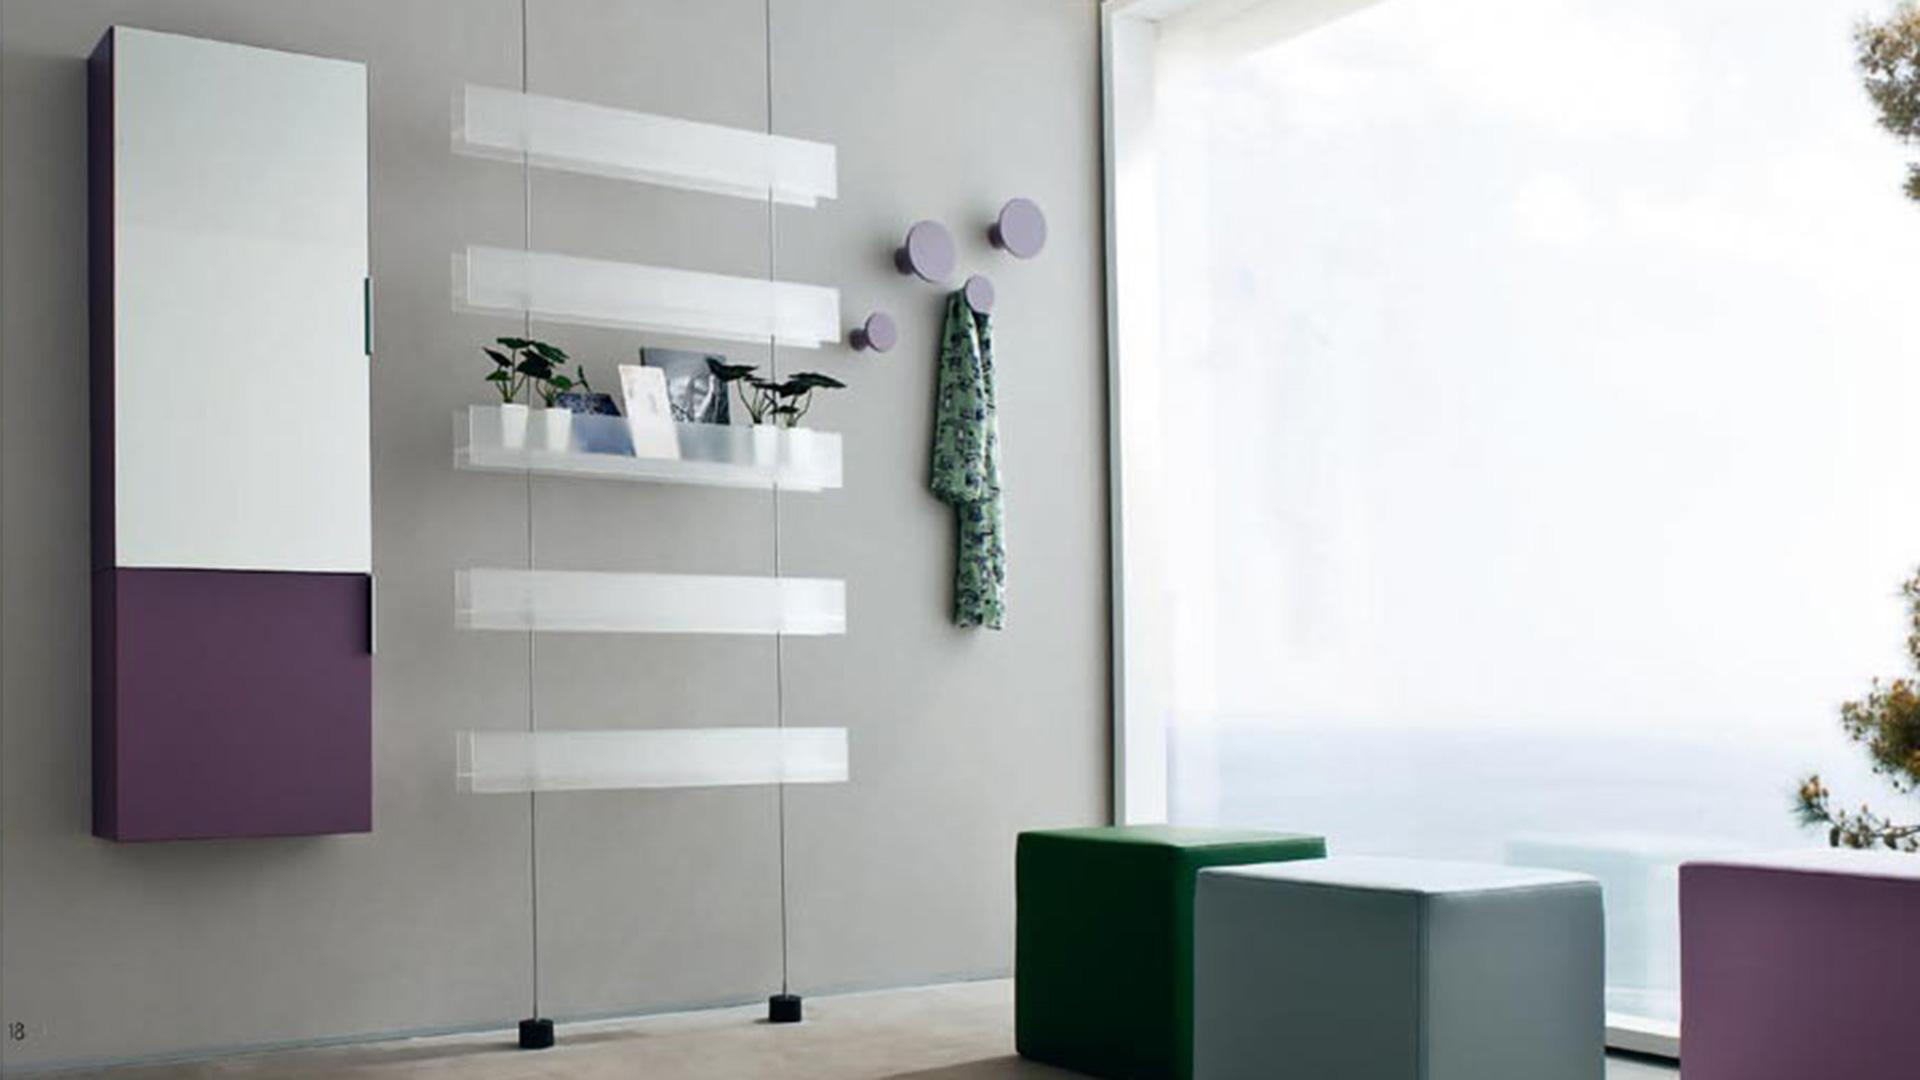 Arredamenti e idee per la casa arredamenti e forniture - Mobili per la casa ...